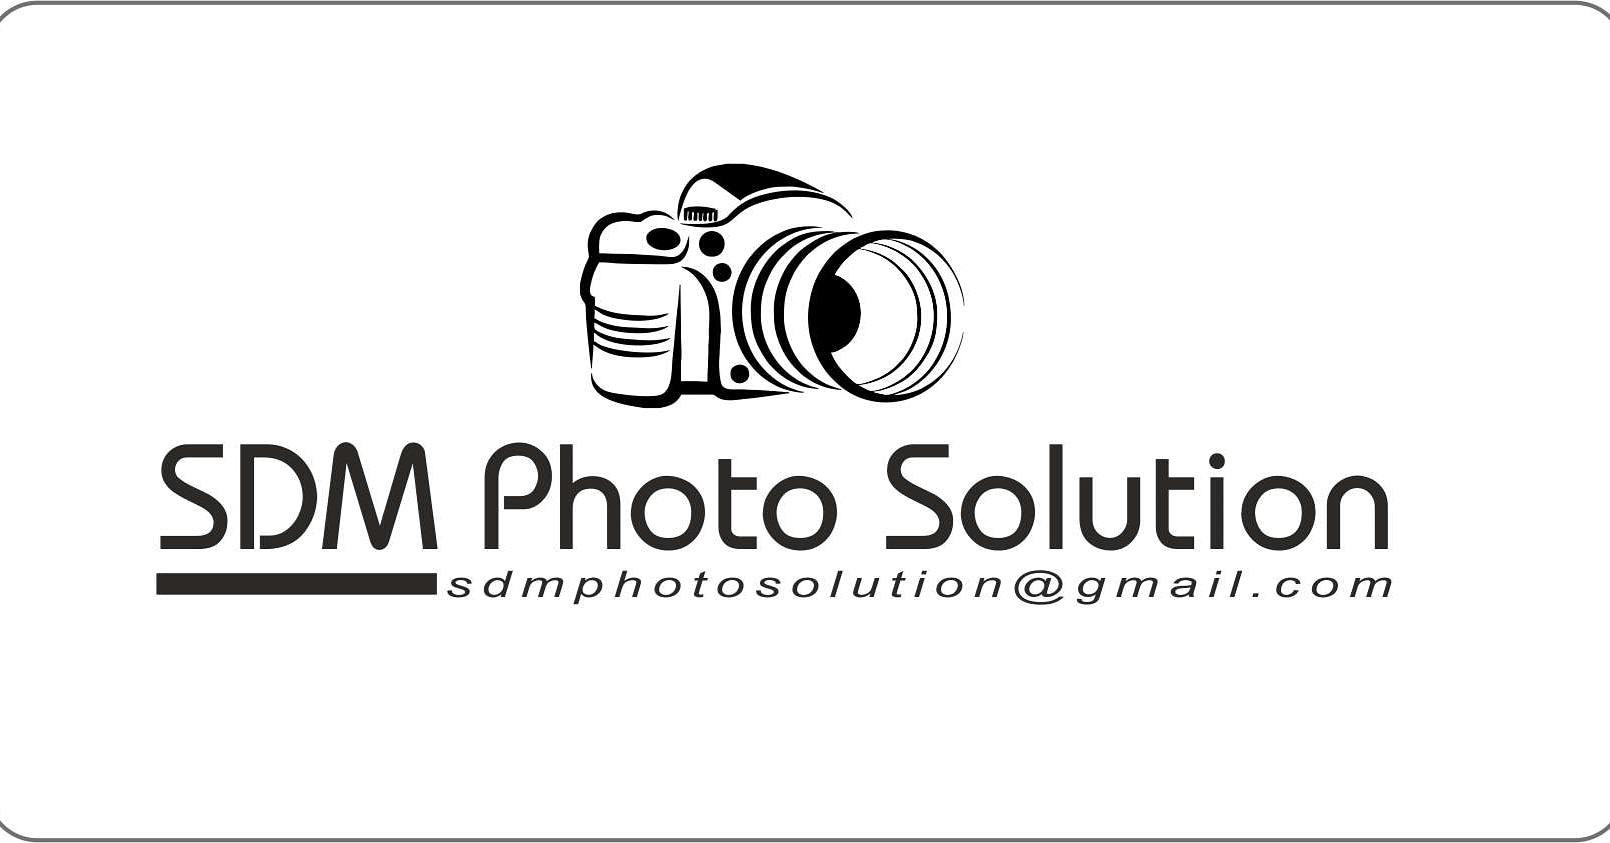 Sdm photo solution